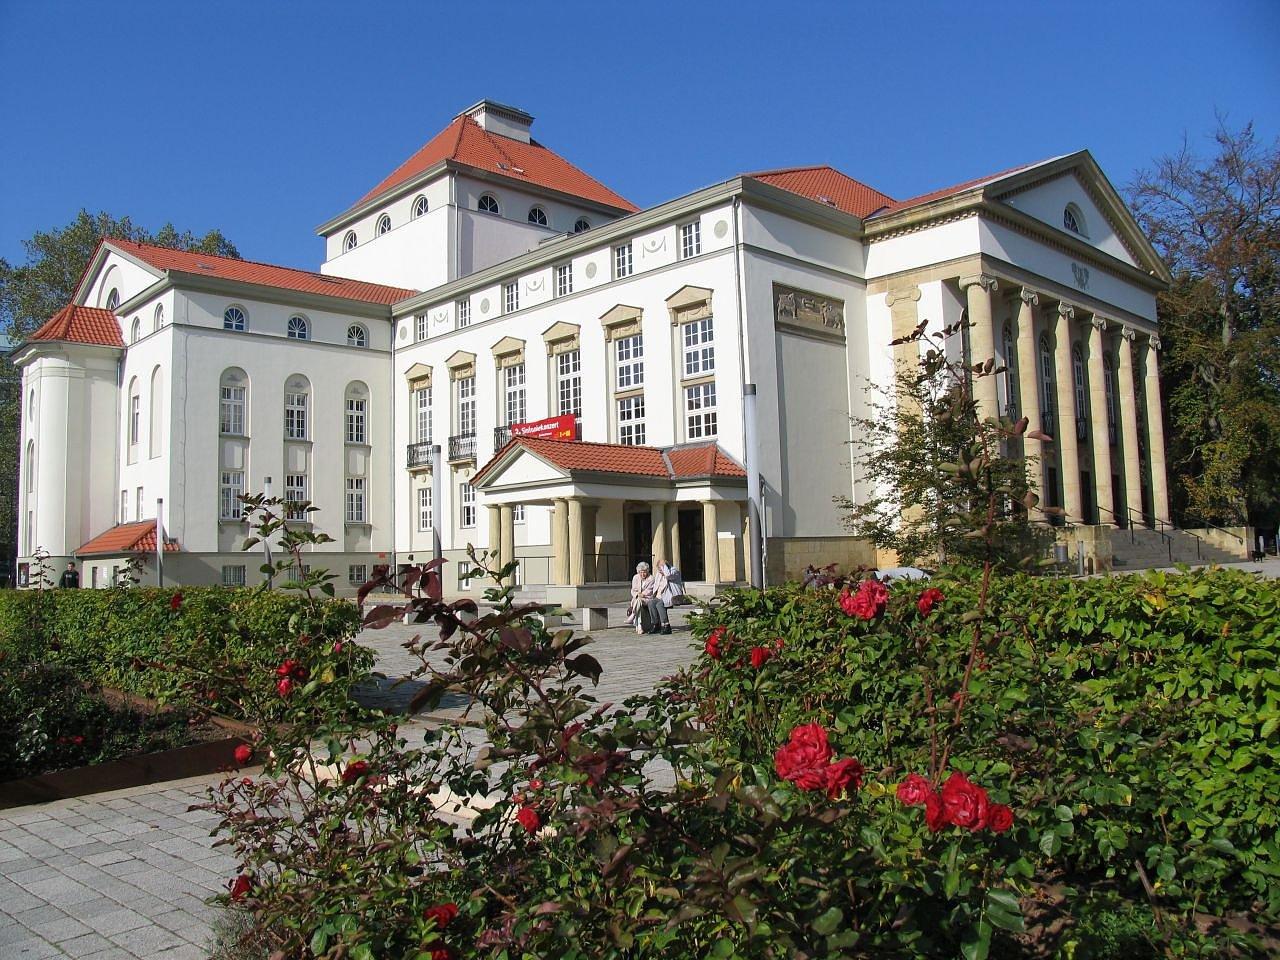 Bildergebnis für theater nordhausen